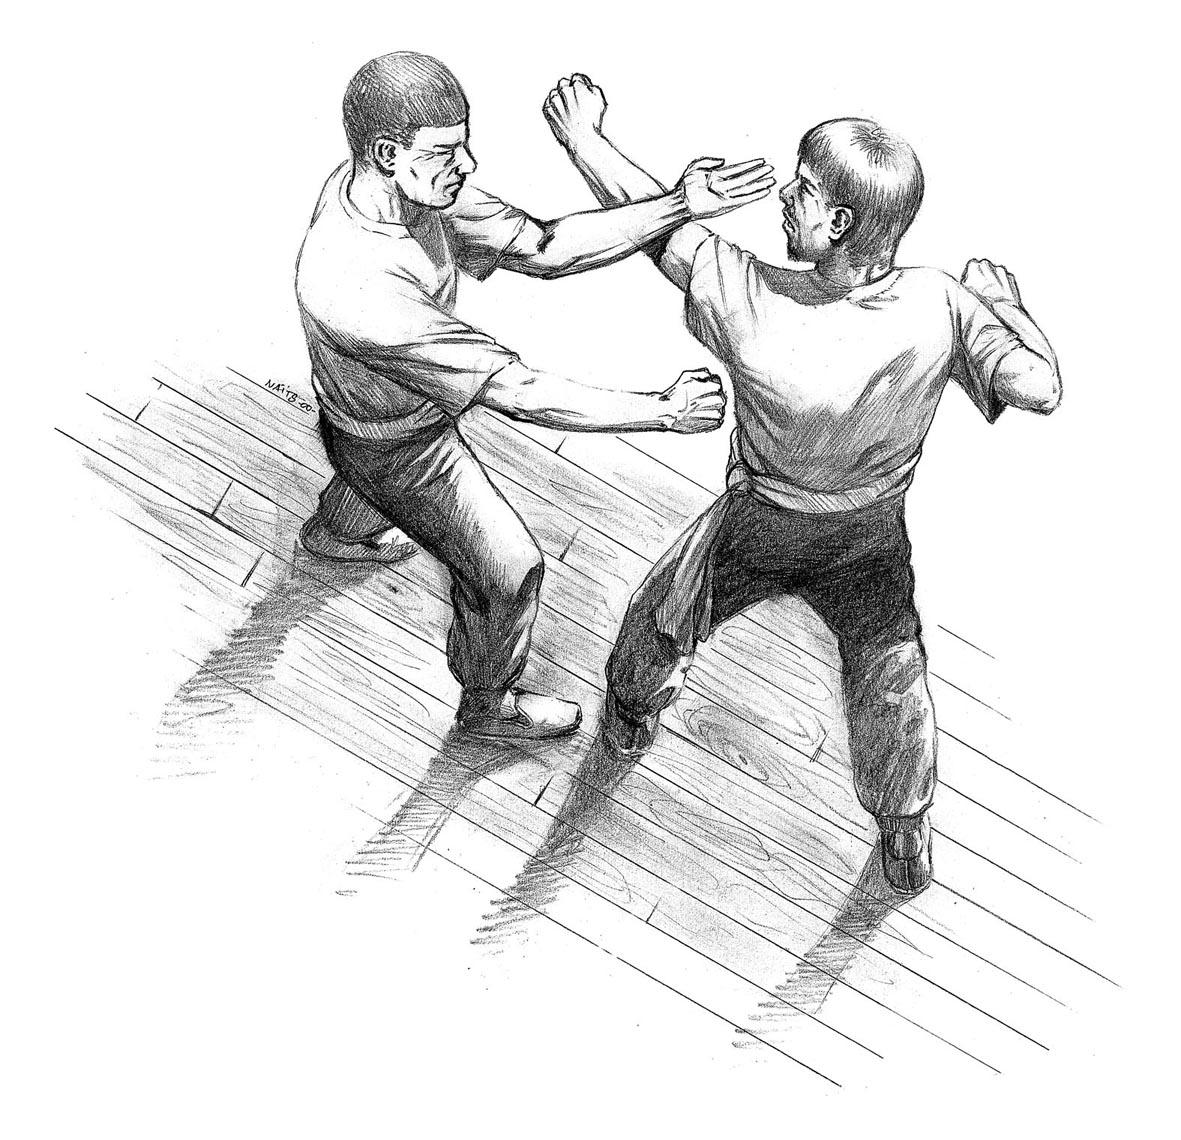 Norte Sul Ou Os Dois Qual O Melhor Estilo De Kung Fu